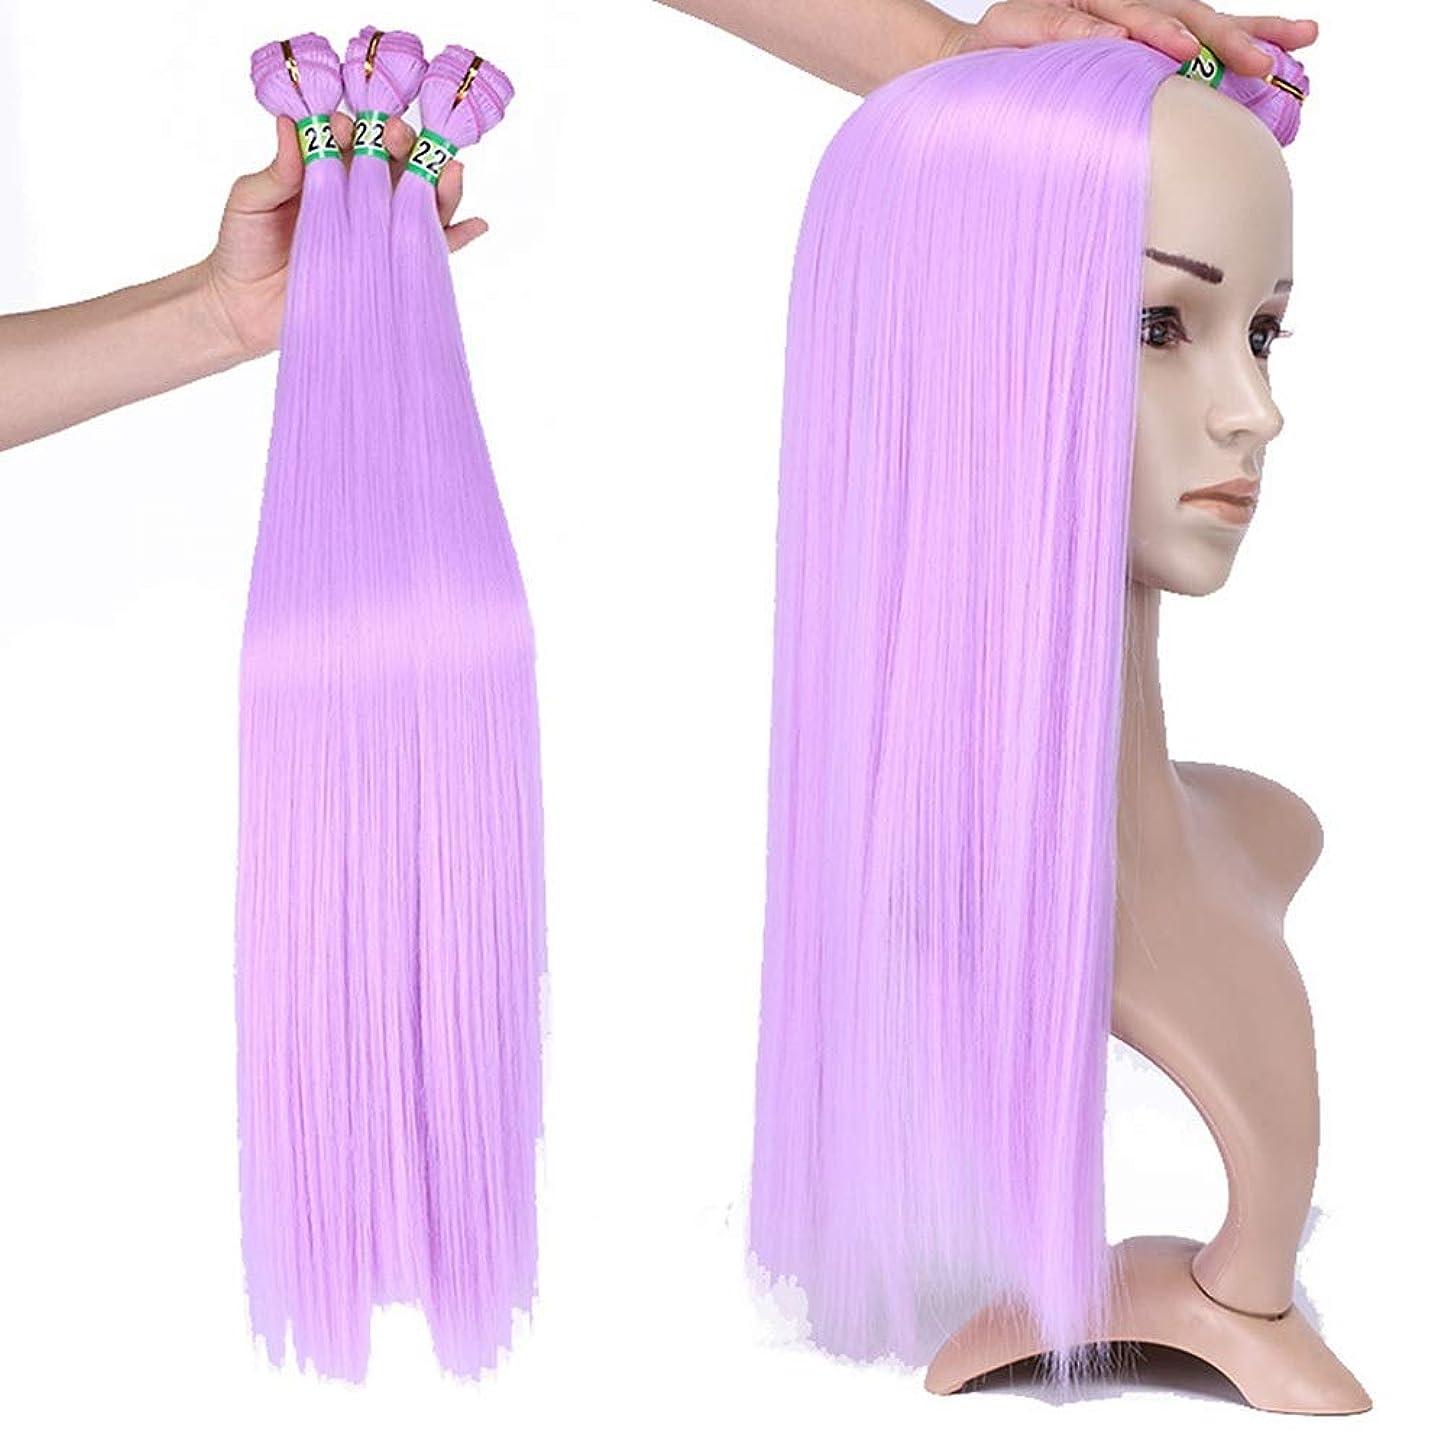 運命的なアラスカ唇BOBIDYEE 3バンドルライトパープルストレート人工毛織りバンドル高温繊維ヘアエクステンション100グラム/バンドル複合ヘアレースかつらロールプレイングかつらロングとショート女性自然 (色 : Light purple, サイズ : 8inch)